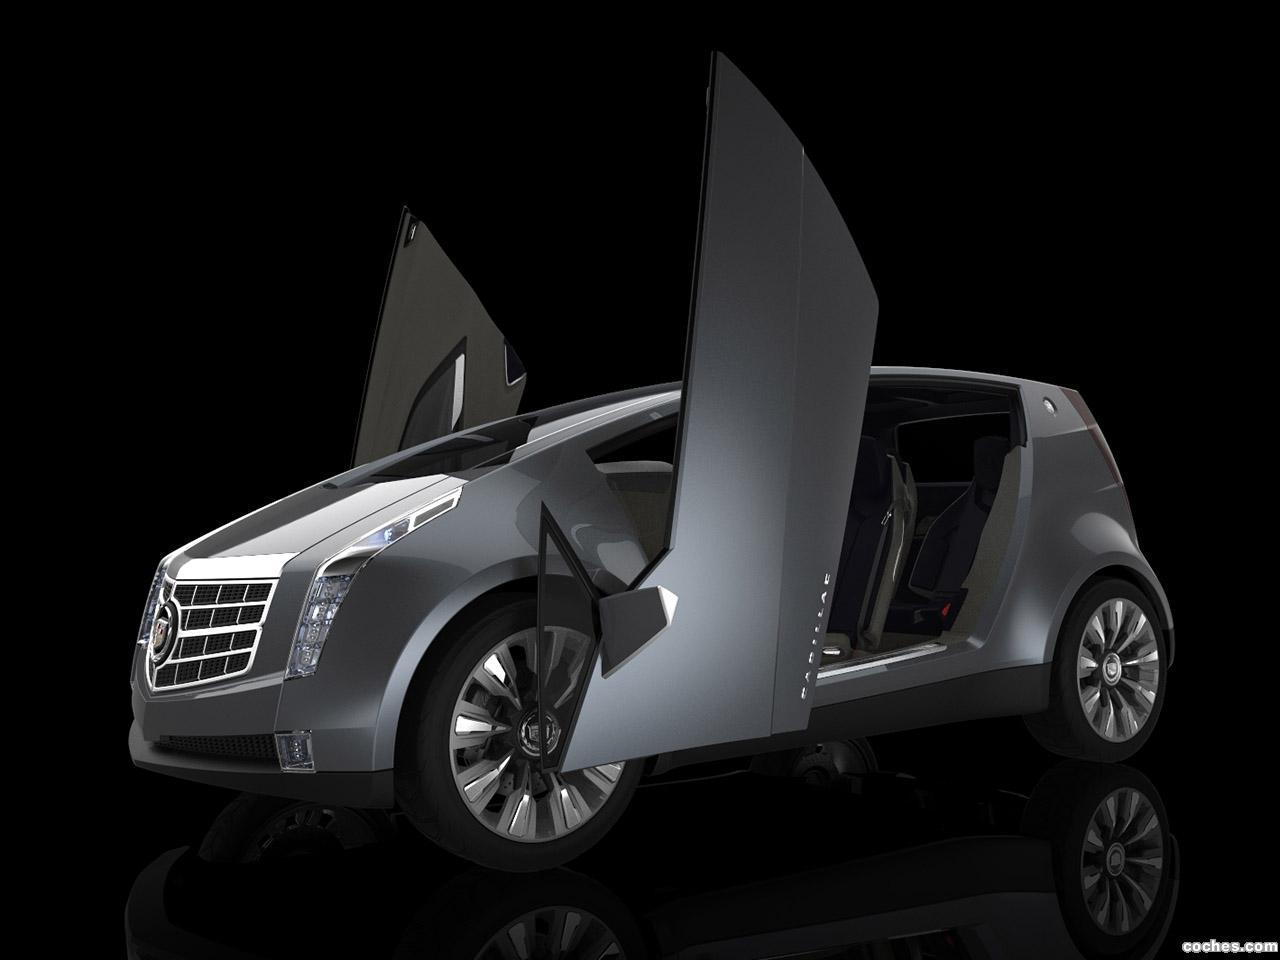 Foto 3 de Cadillac Urban Luxury Concept 2010